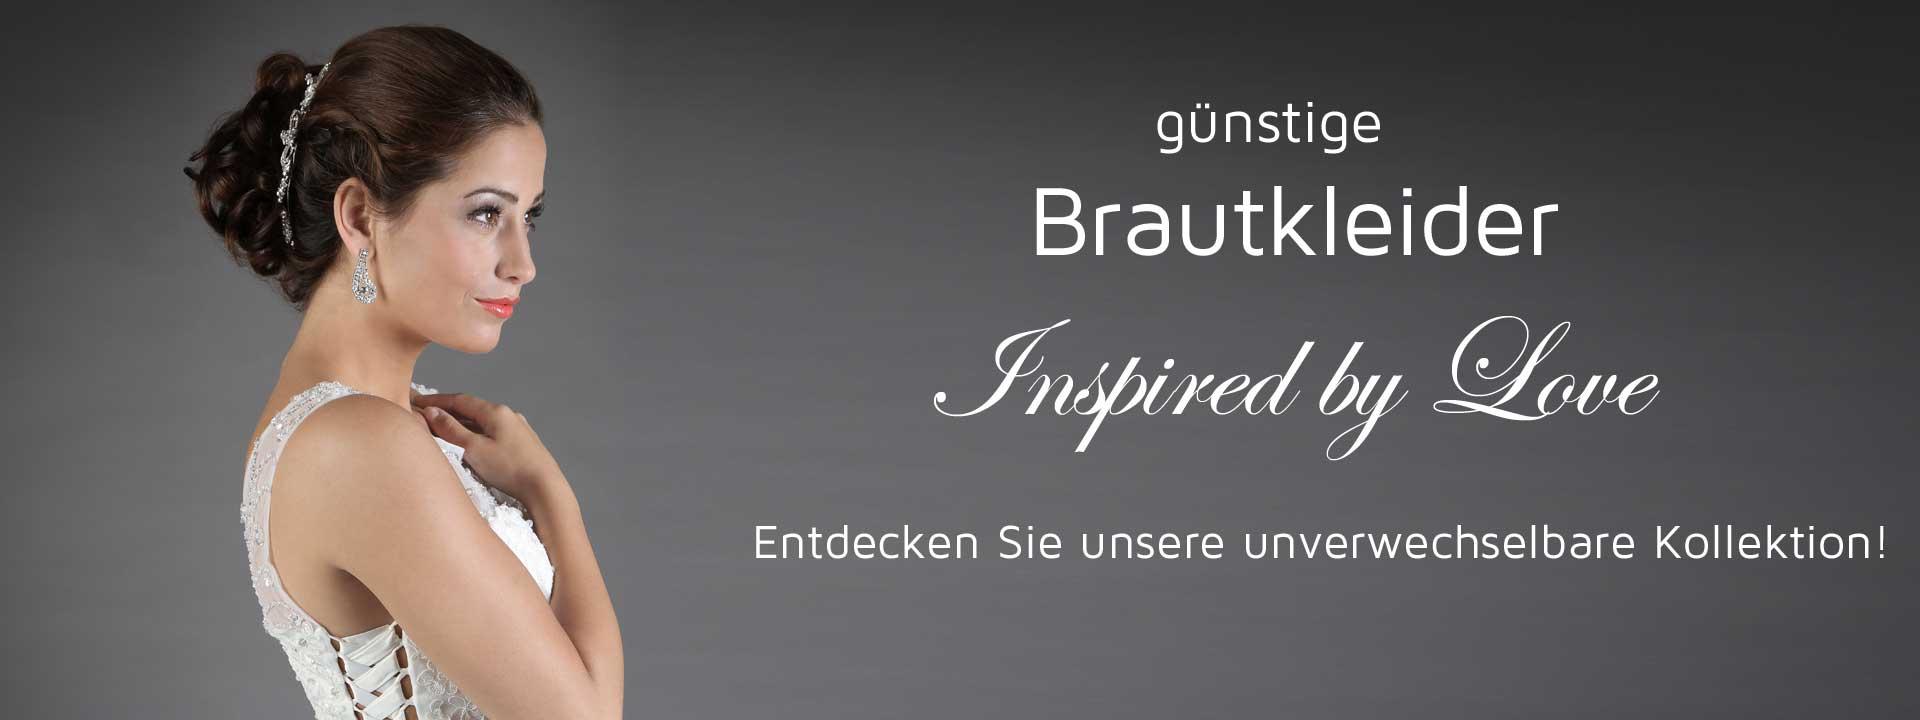 8e1092c6ff6a08 Günstige Brautkleider online kaufen bei der Modemarke Taubenweiß